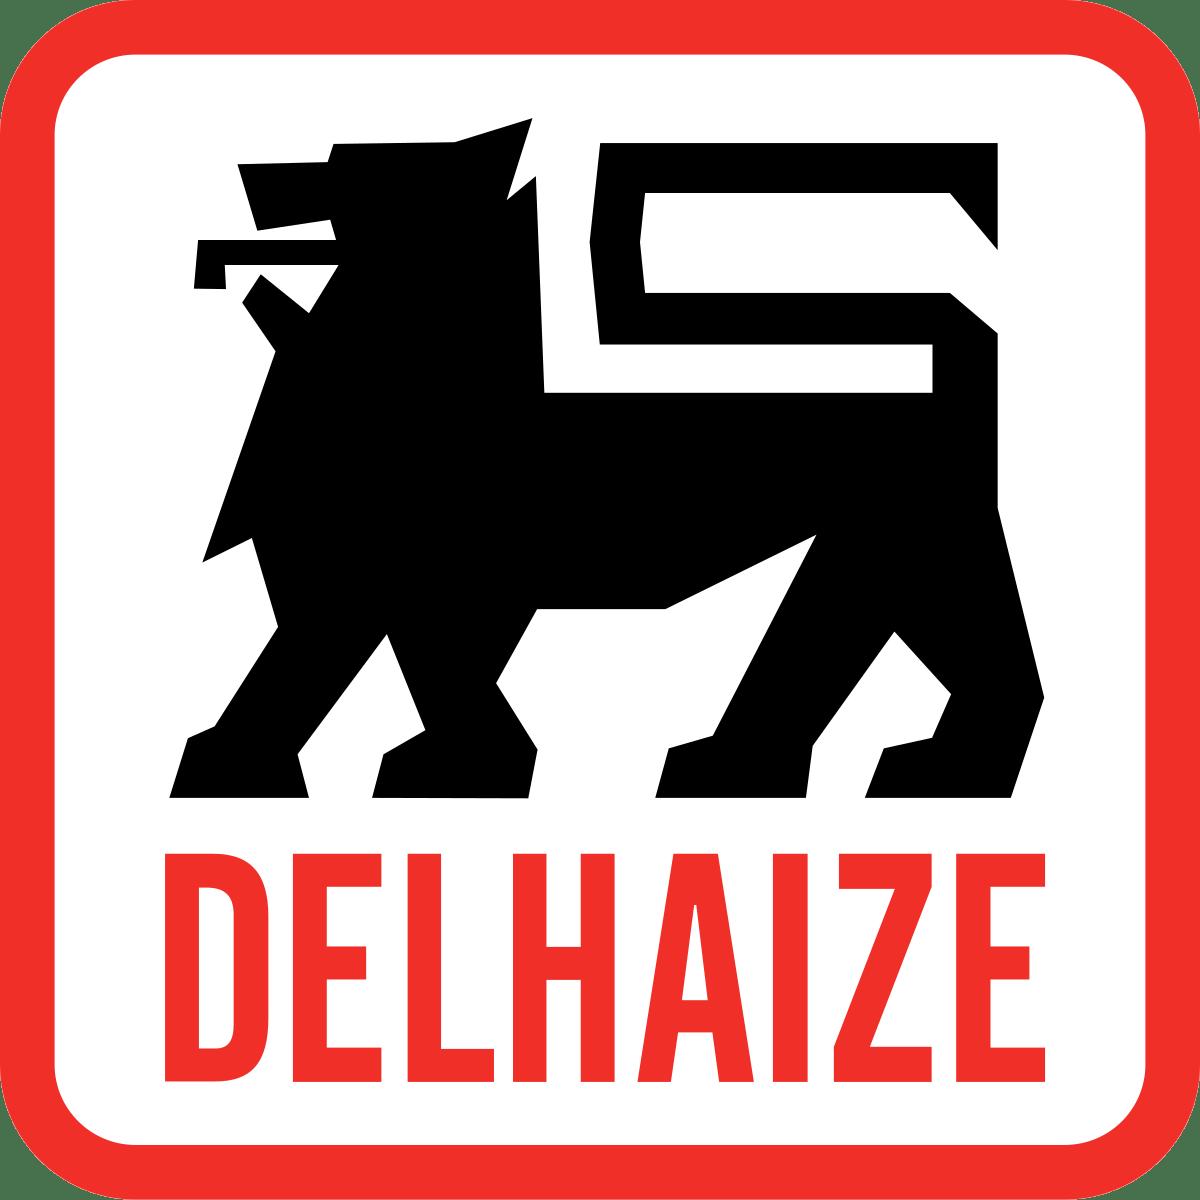 HiPRO Delhaize